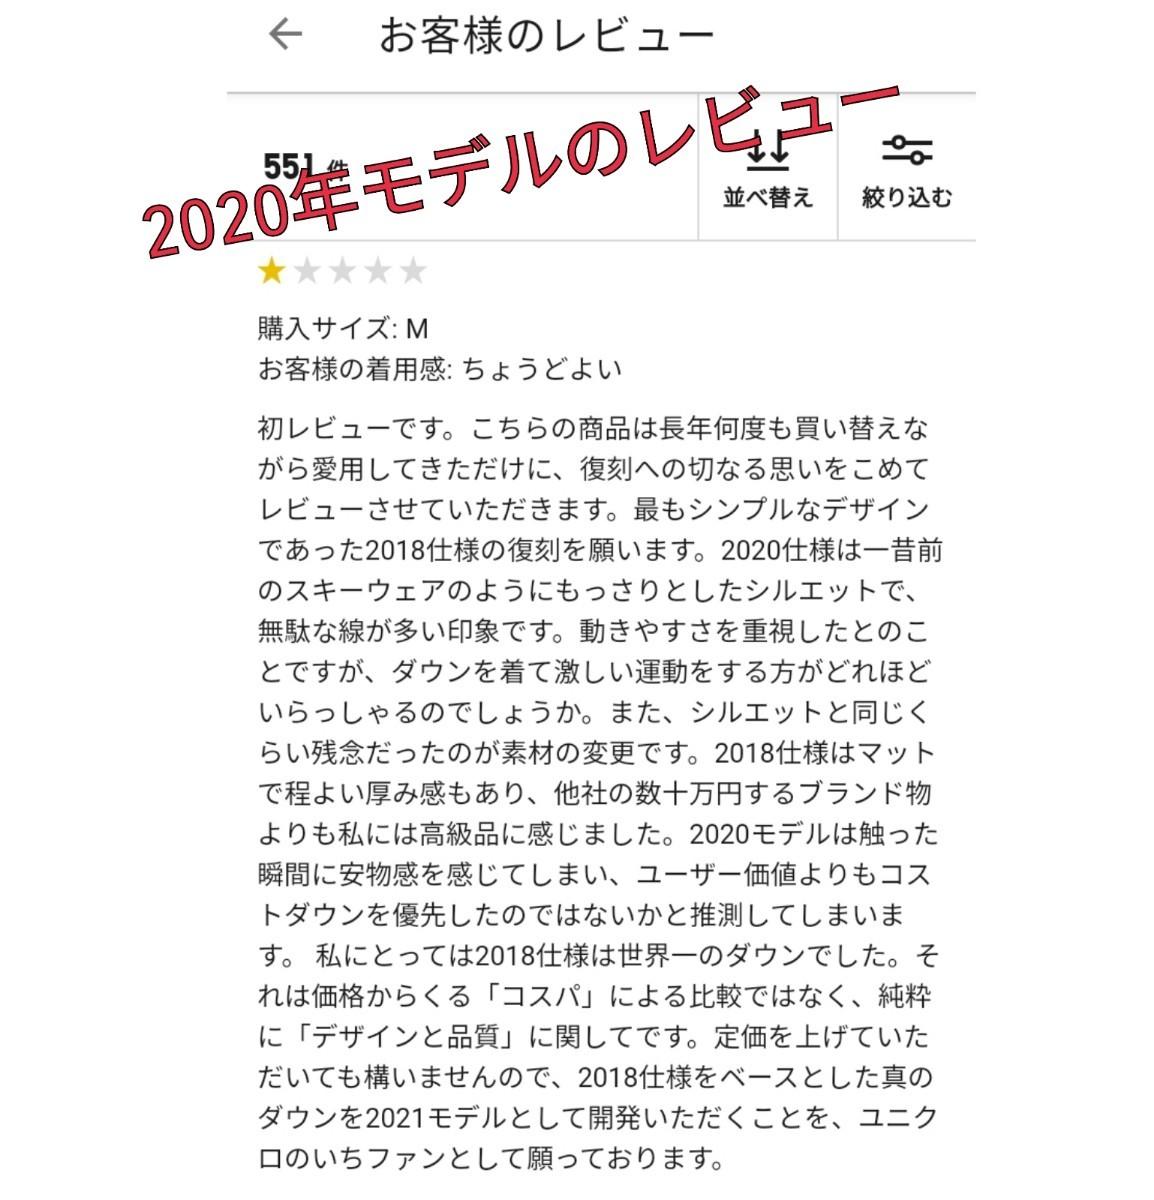 希少★ベストモデル2018年■ユニクロ シームレスダウンパーカー XSサイズ メンズ■女性にもオススメ♪ 新品 未使用 タグ付き